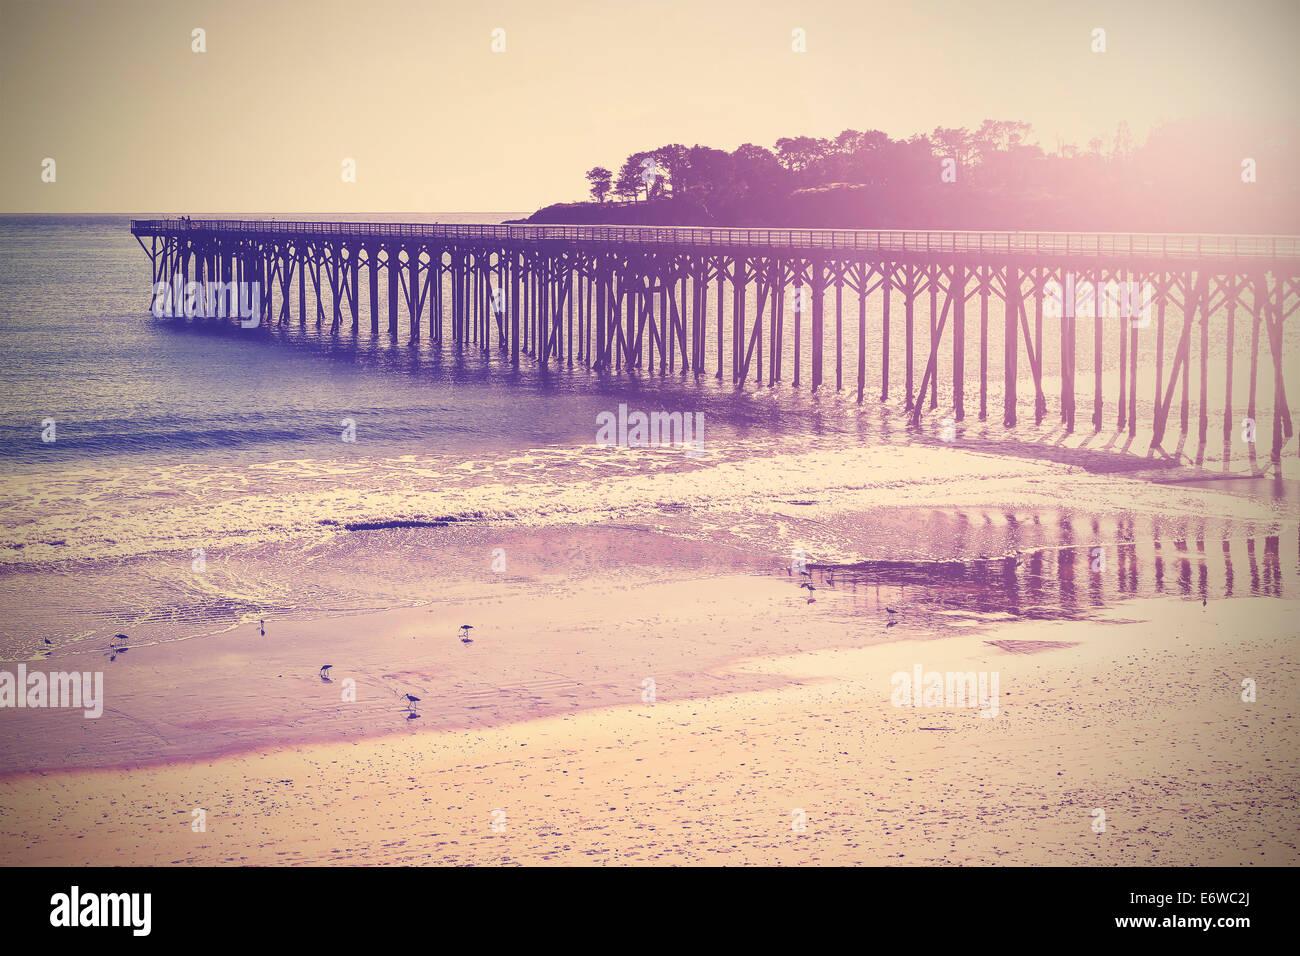 Puente de madera Vintage en Sunset Beach, California, USA. Imagen De Stock